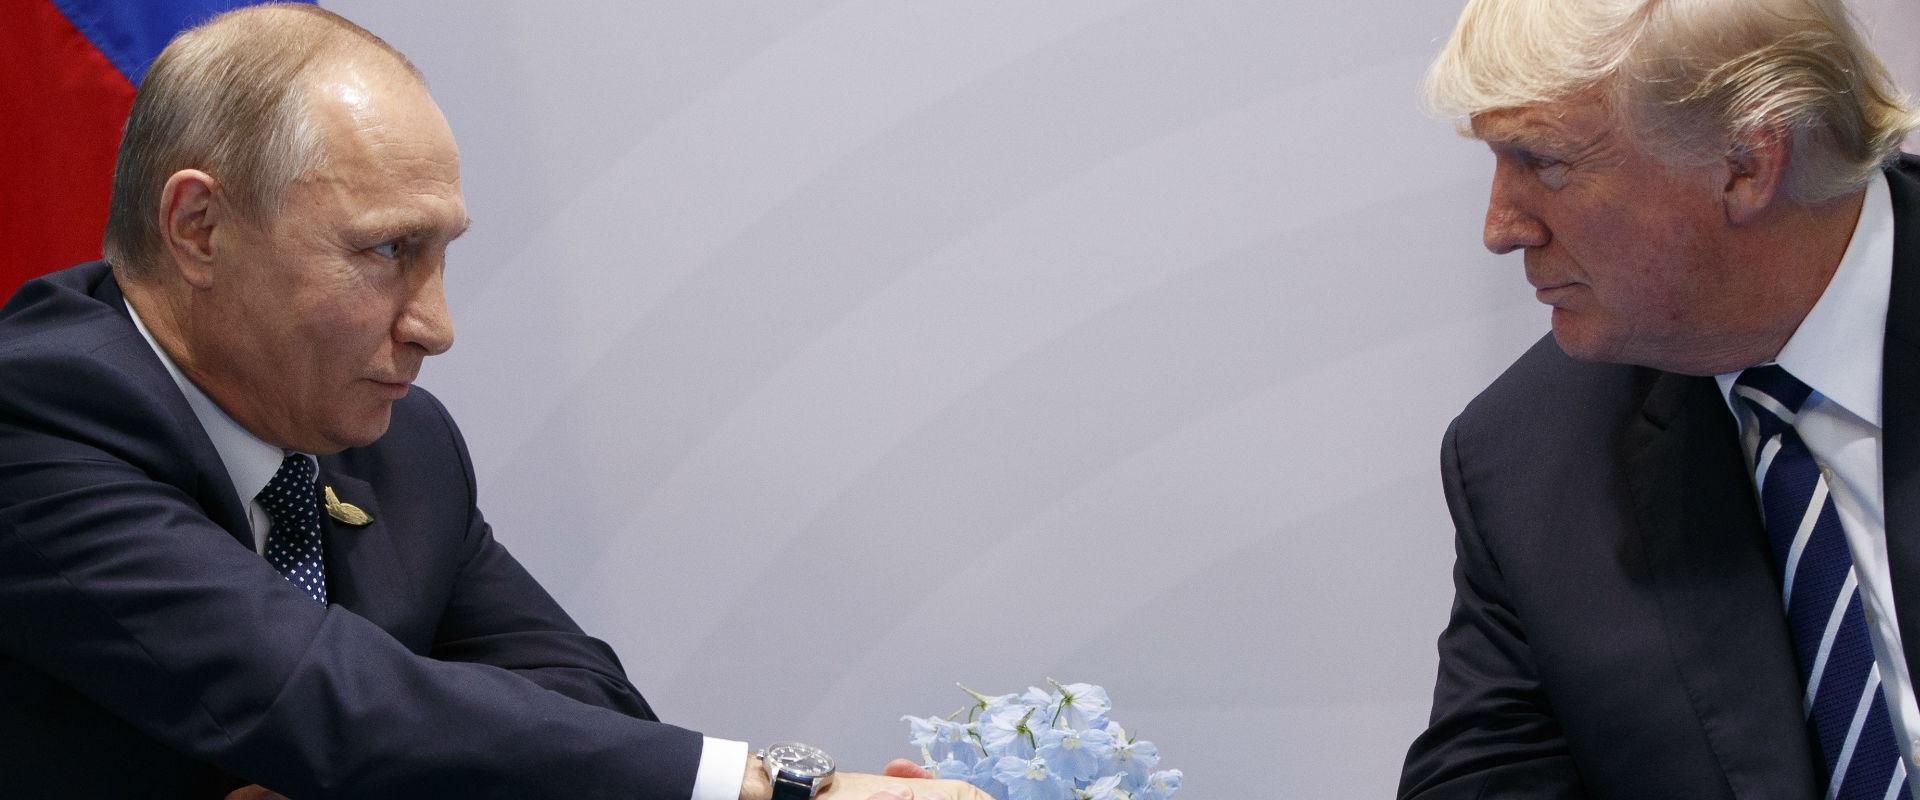 נשיא ארצות הברית דונלד טראמפ ונשיא רוסיה ולדימיר פ